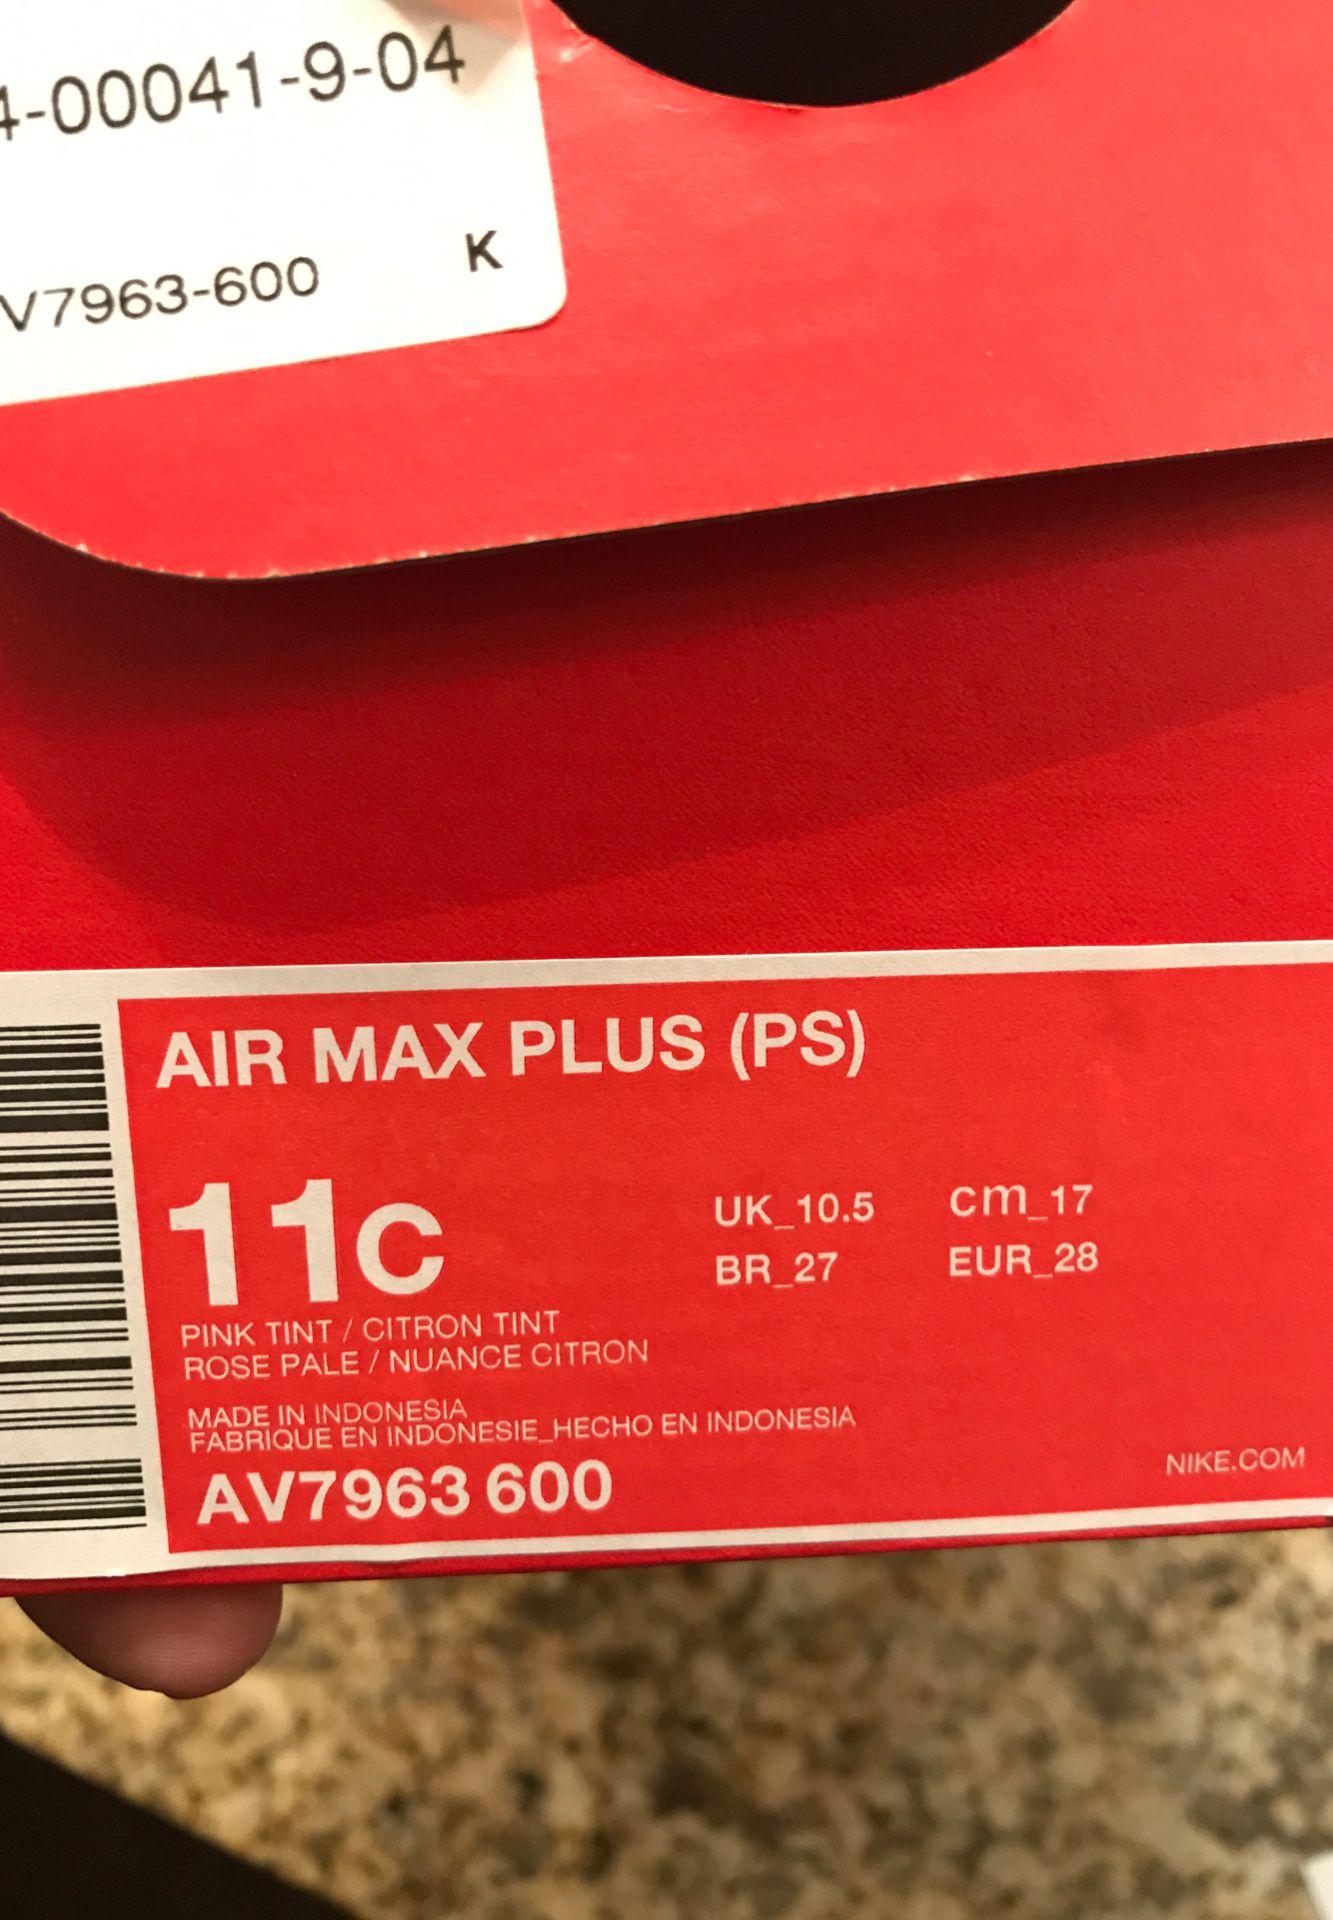 Air Max Plus